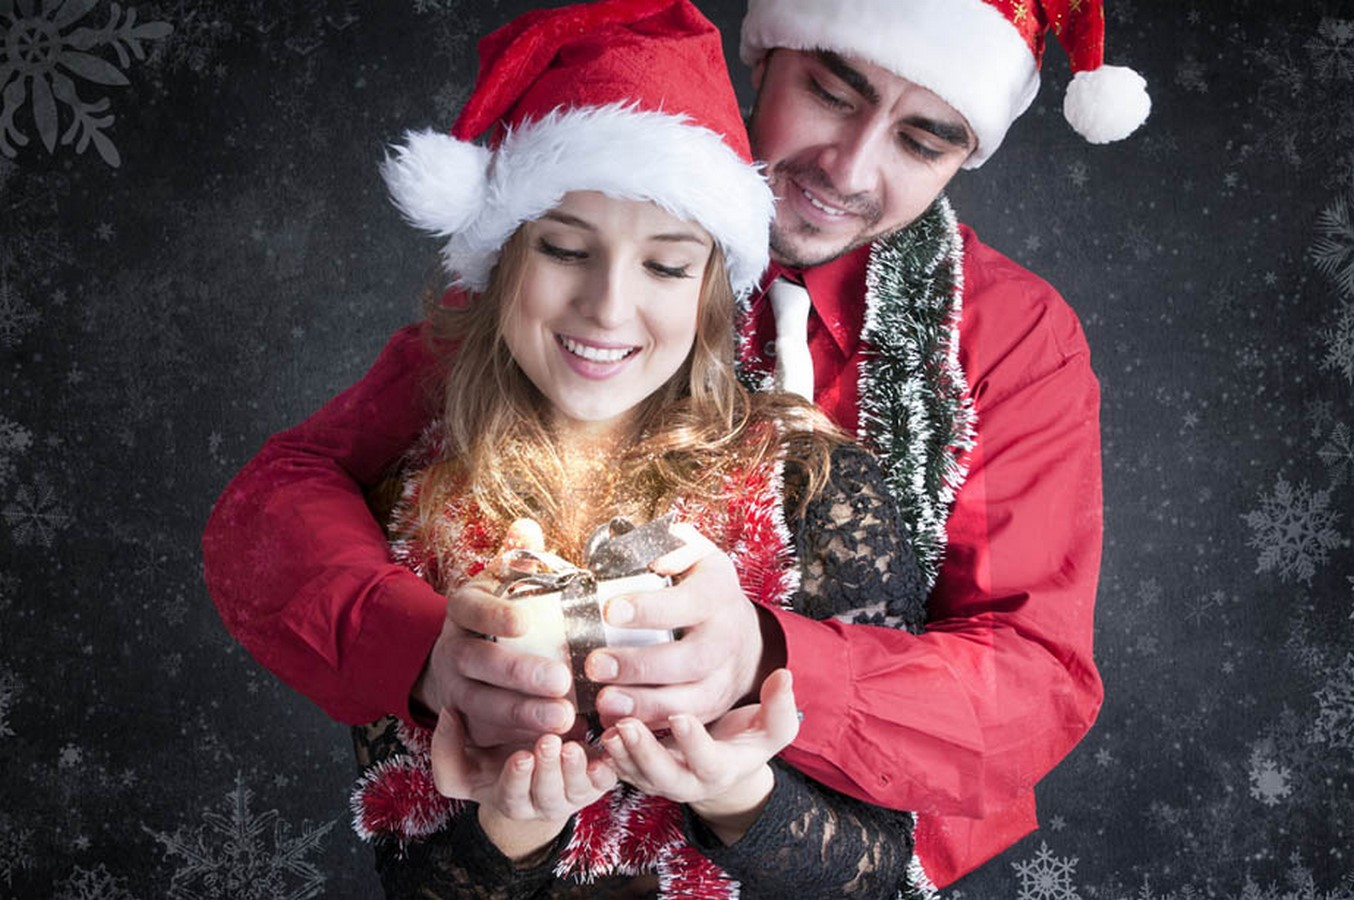 Что подарить на Новый год 2017 девушке или подруге? Идеи новогодних подарков для женщин